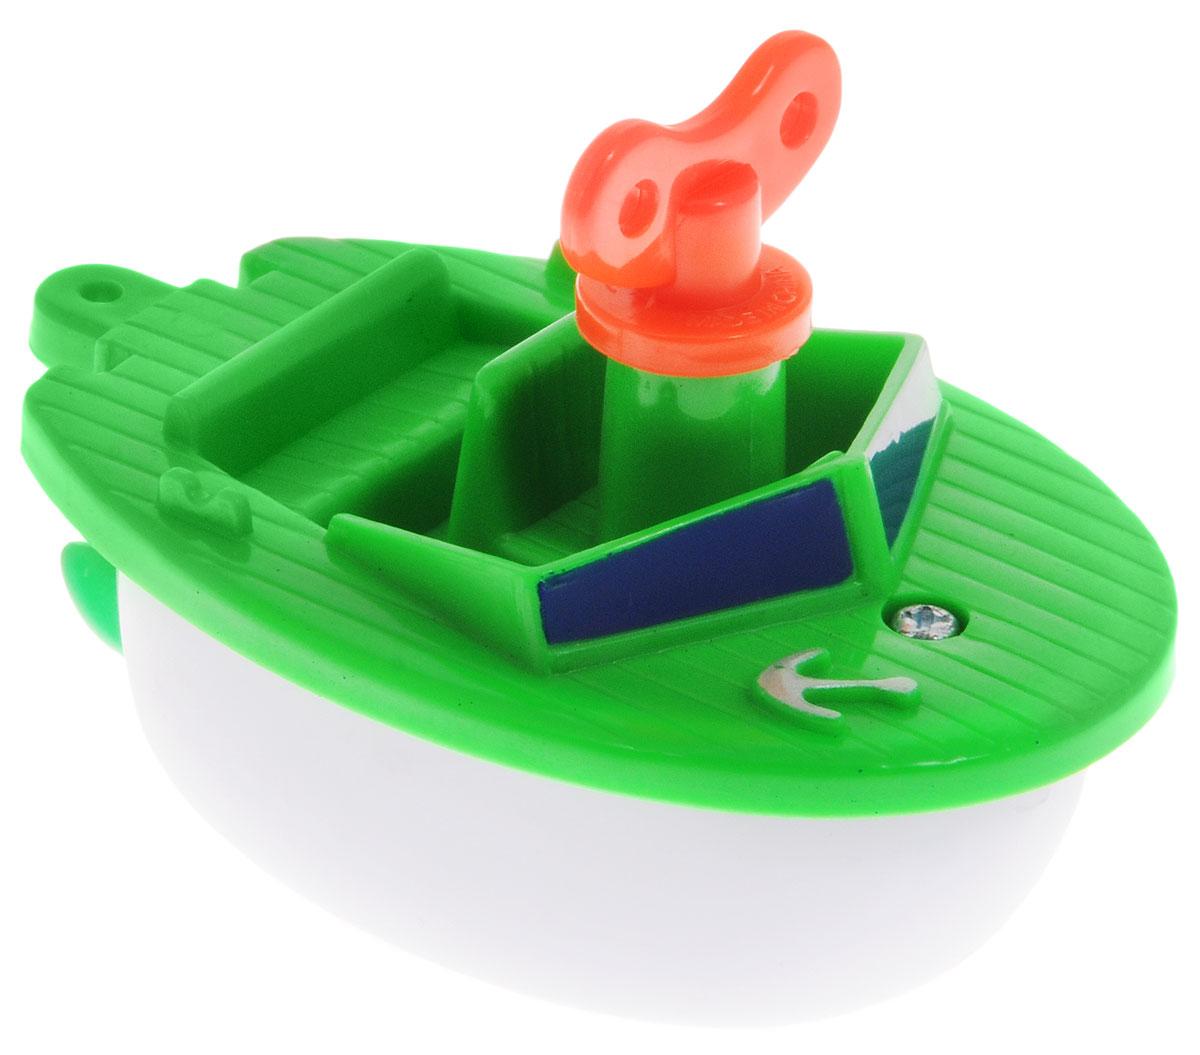 Navystar Игрушка для ванной Катер63901-1-GИгрушка для ванной Navystar Катер обрадует вашего малыша во время купания и сделает этот порой нелегкий процесс приятным и веселым. Игрушка выполнена в виде яркого катера с ключиком. Если завести ключик, то гребной винт катера начнет вращаться. Игрушка для ванной Navystar Катер не только развеселит вашего малыша, но и поможет развить мелкую моторику.